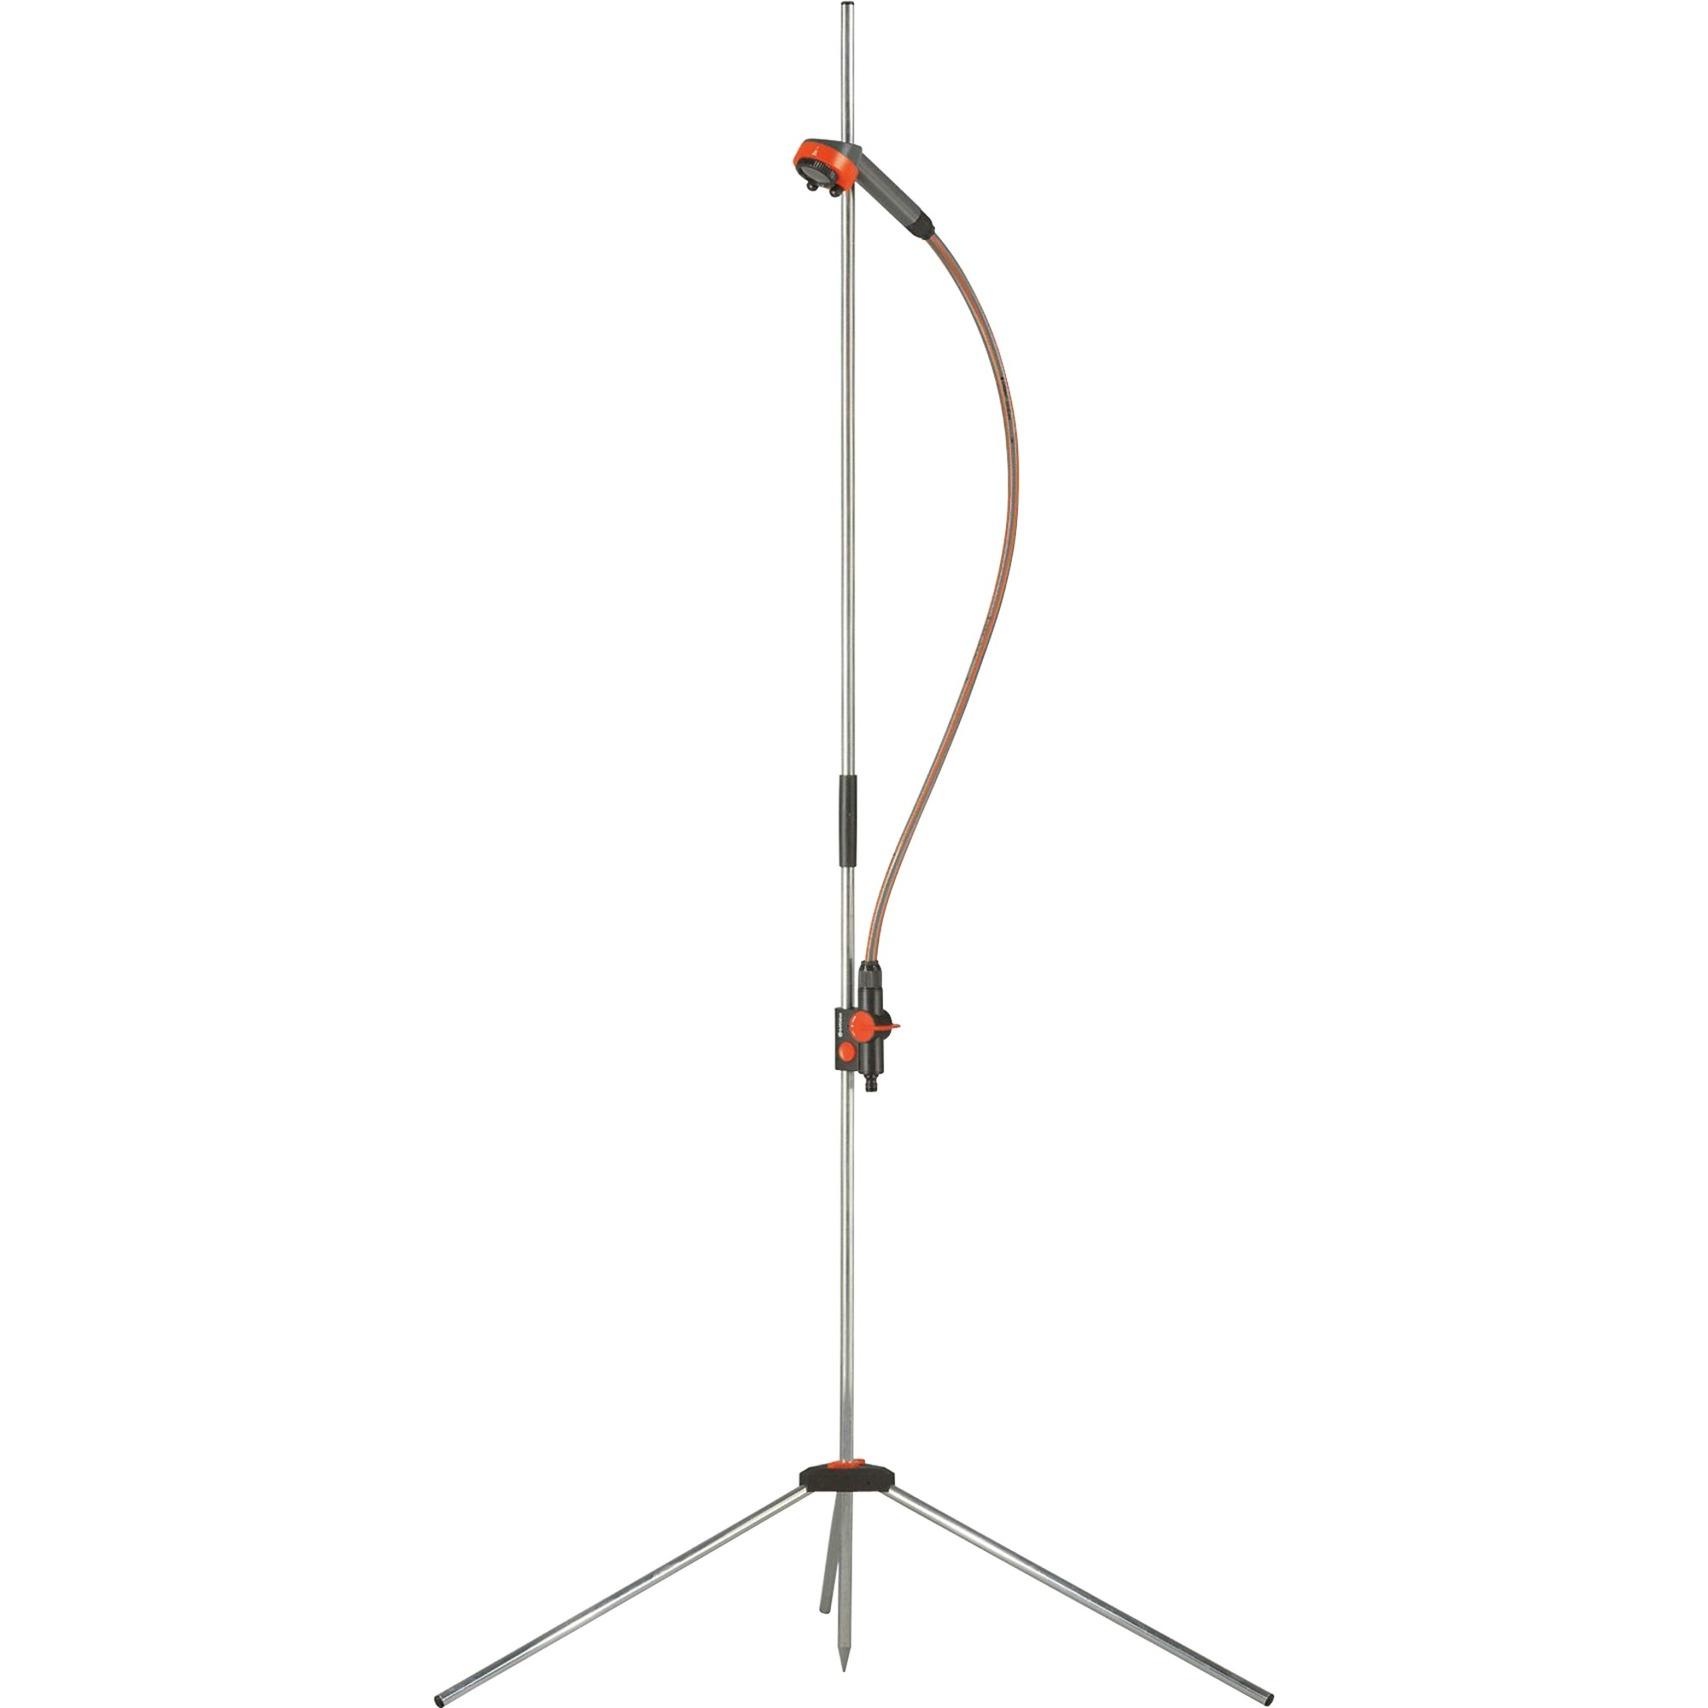 00960-20 1head(s) Noir, Argent système de douche, Douche extérieure